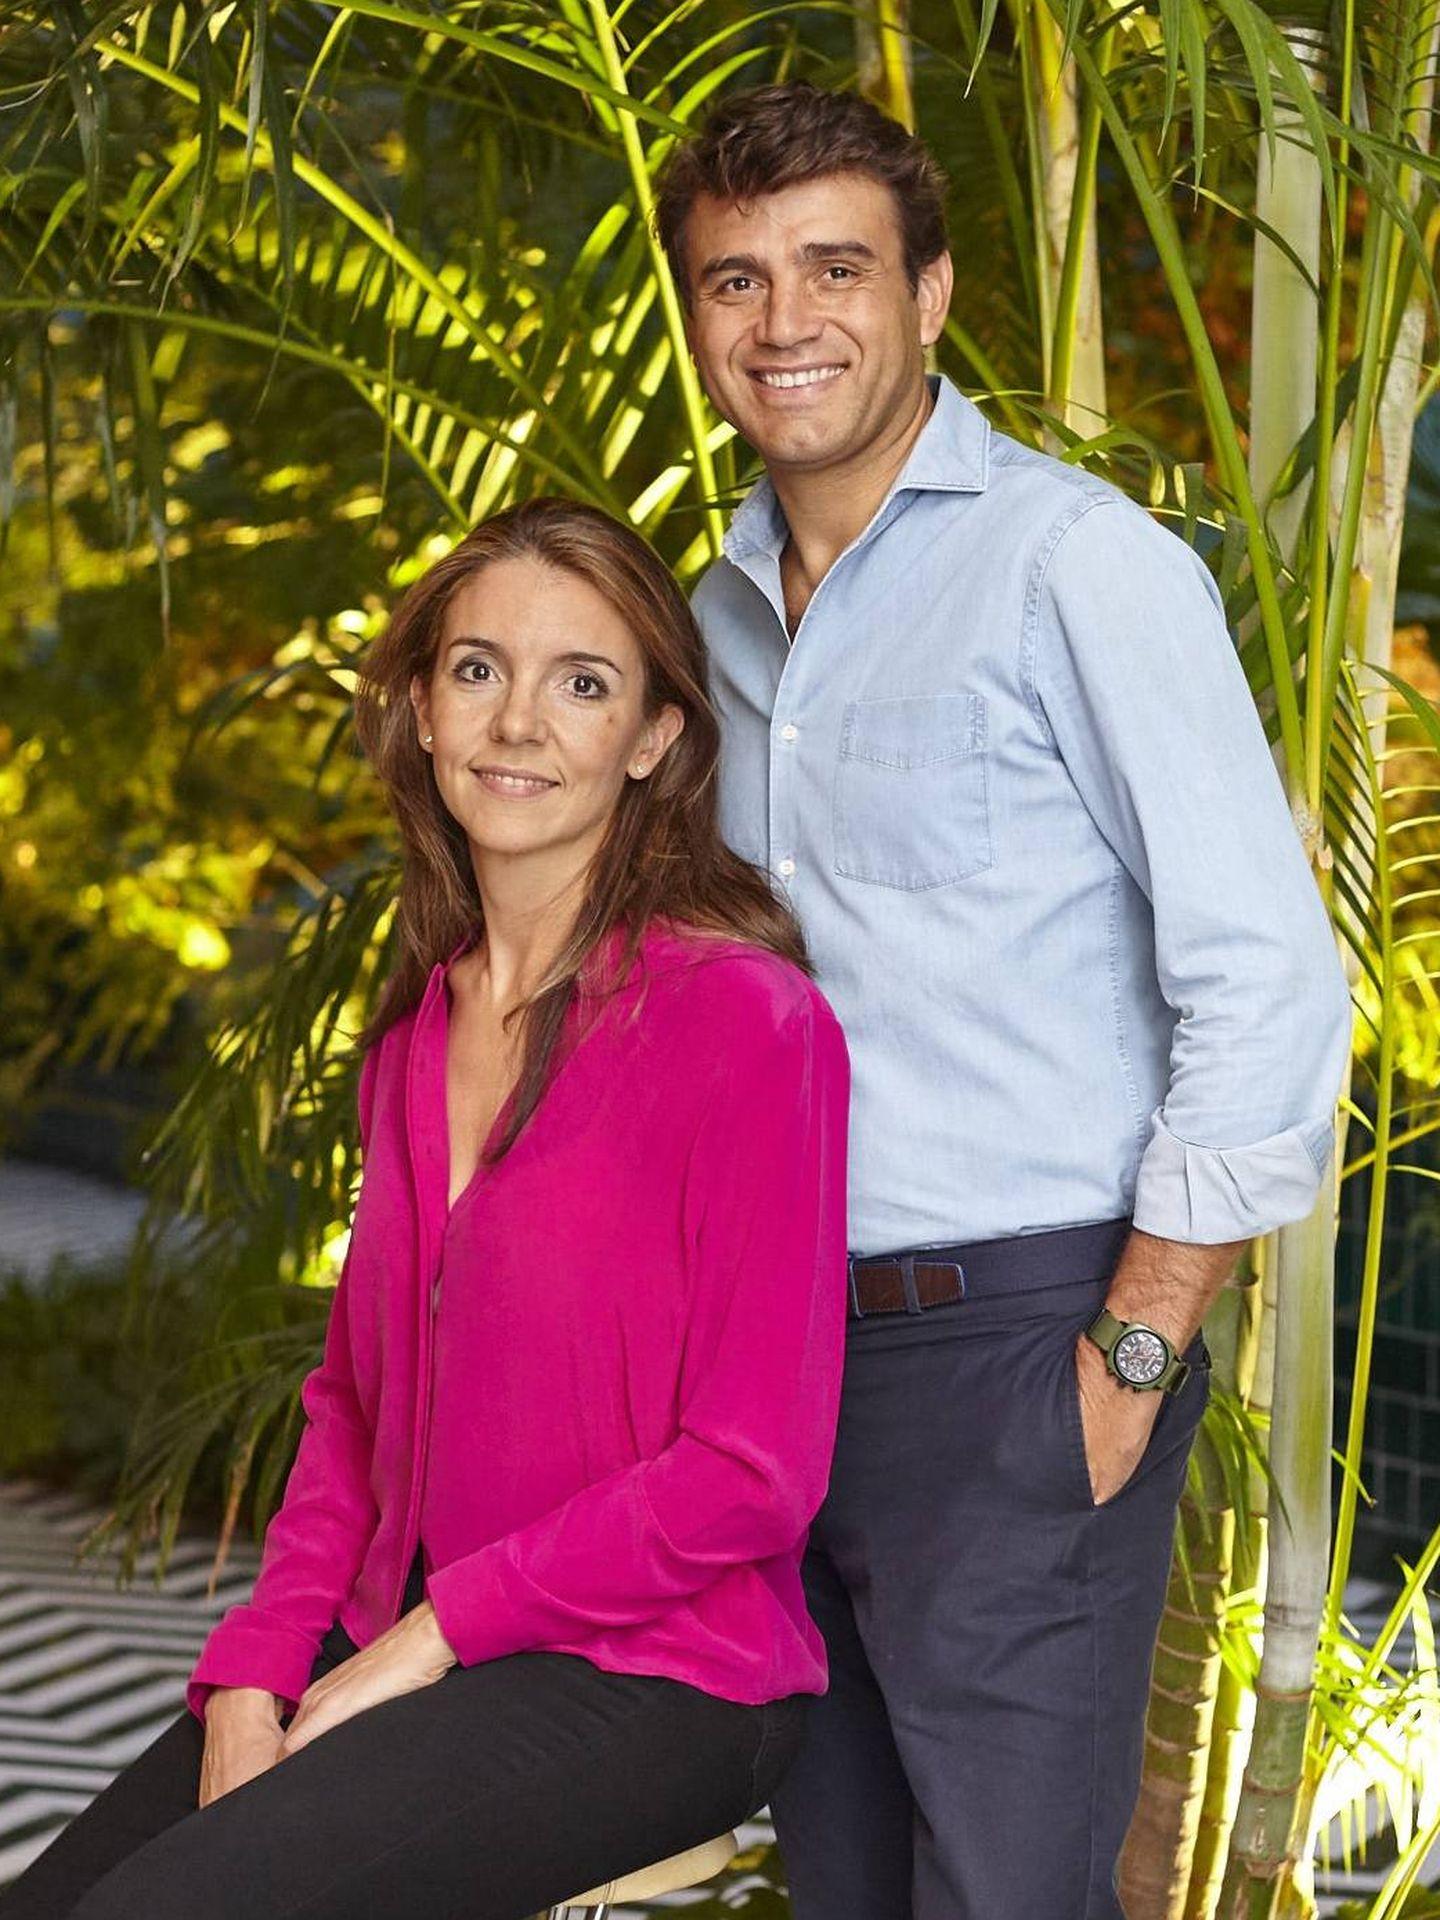 Lea aquí todo sobre el restaurante Amazónico, el exitoso negocio de Sandro Silva y Marta Seco